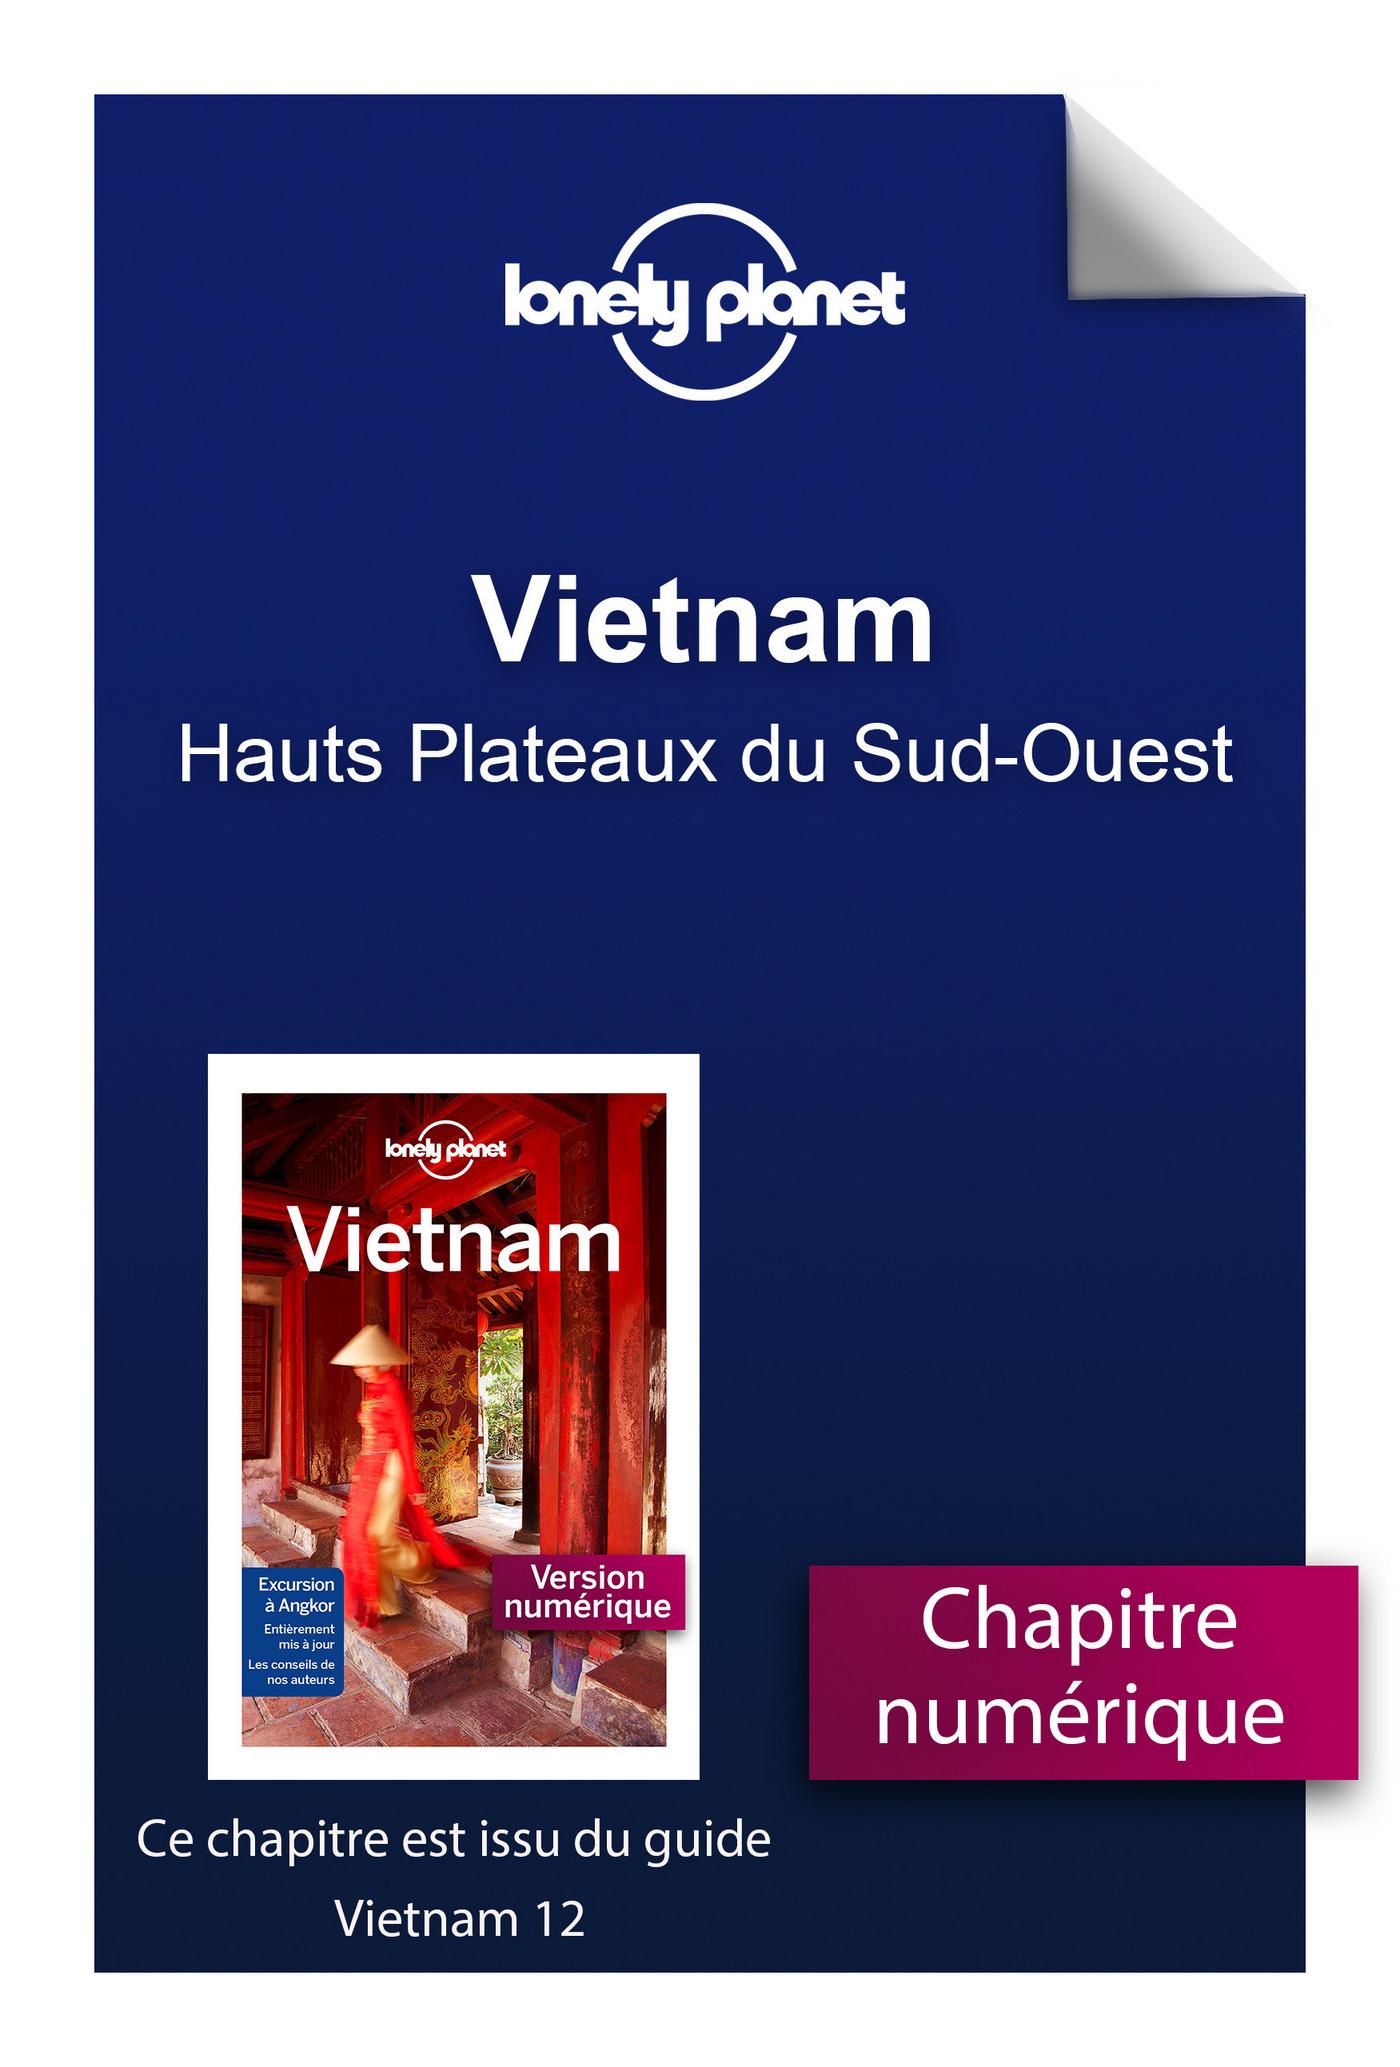 Vietnam - Hauts Plateaux du Sud-Ouest